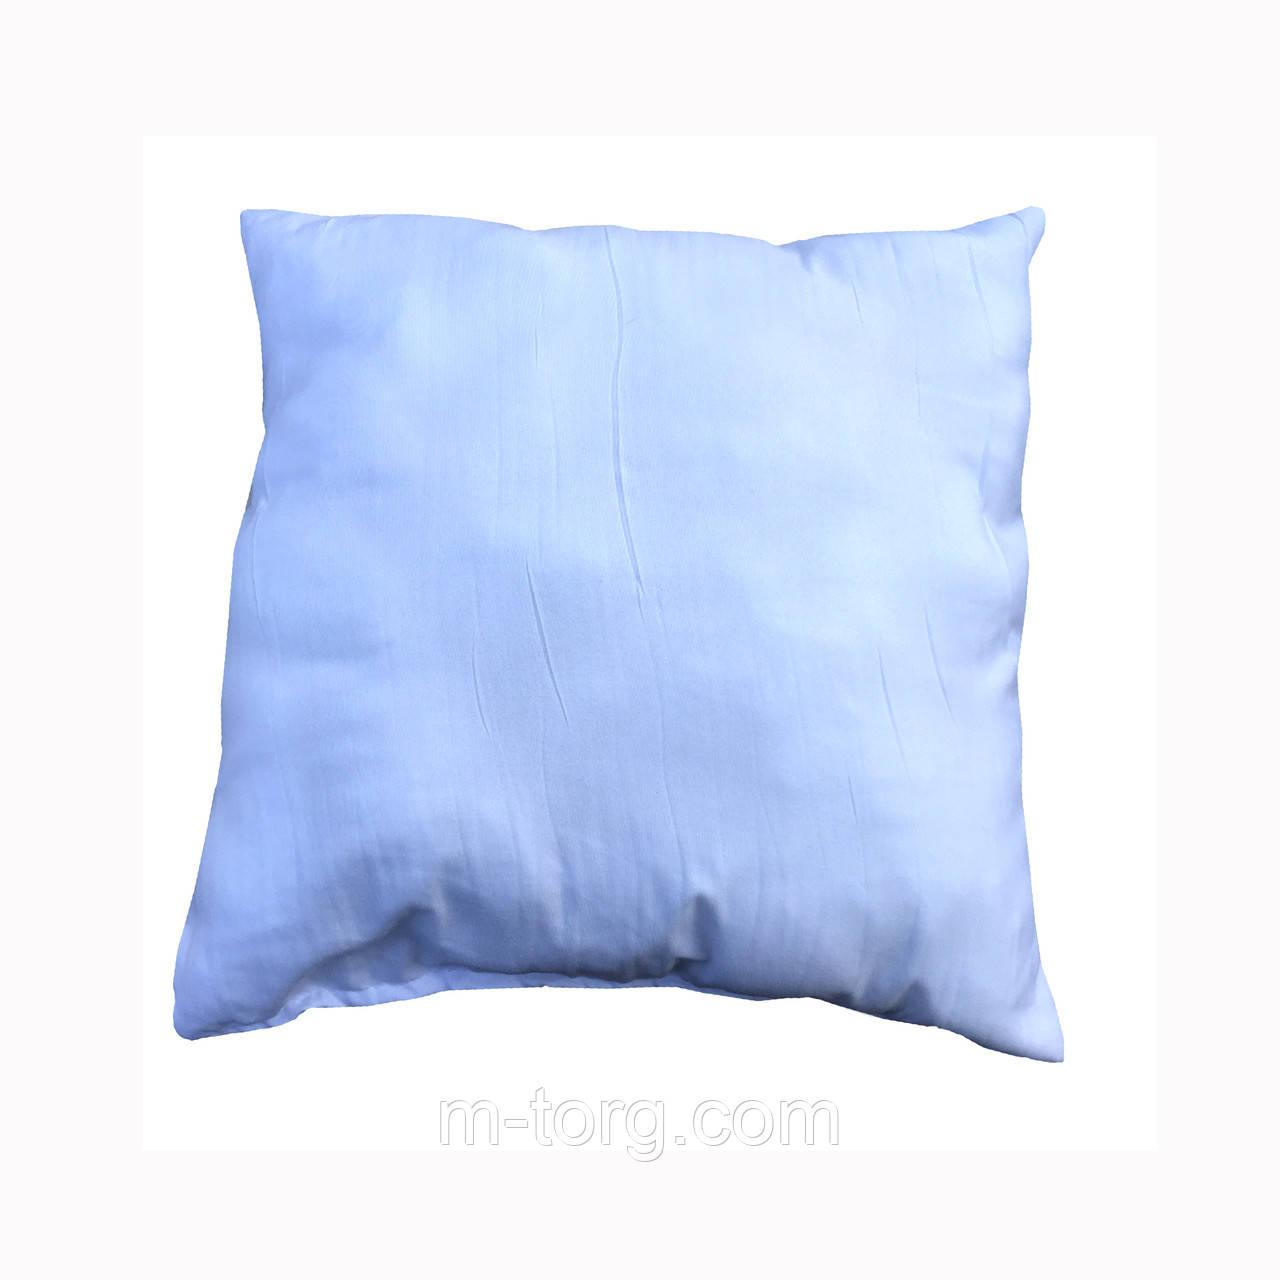 Белая подушка для декоративной наволочки 50/50, силикон